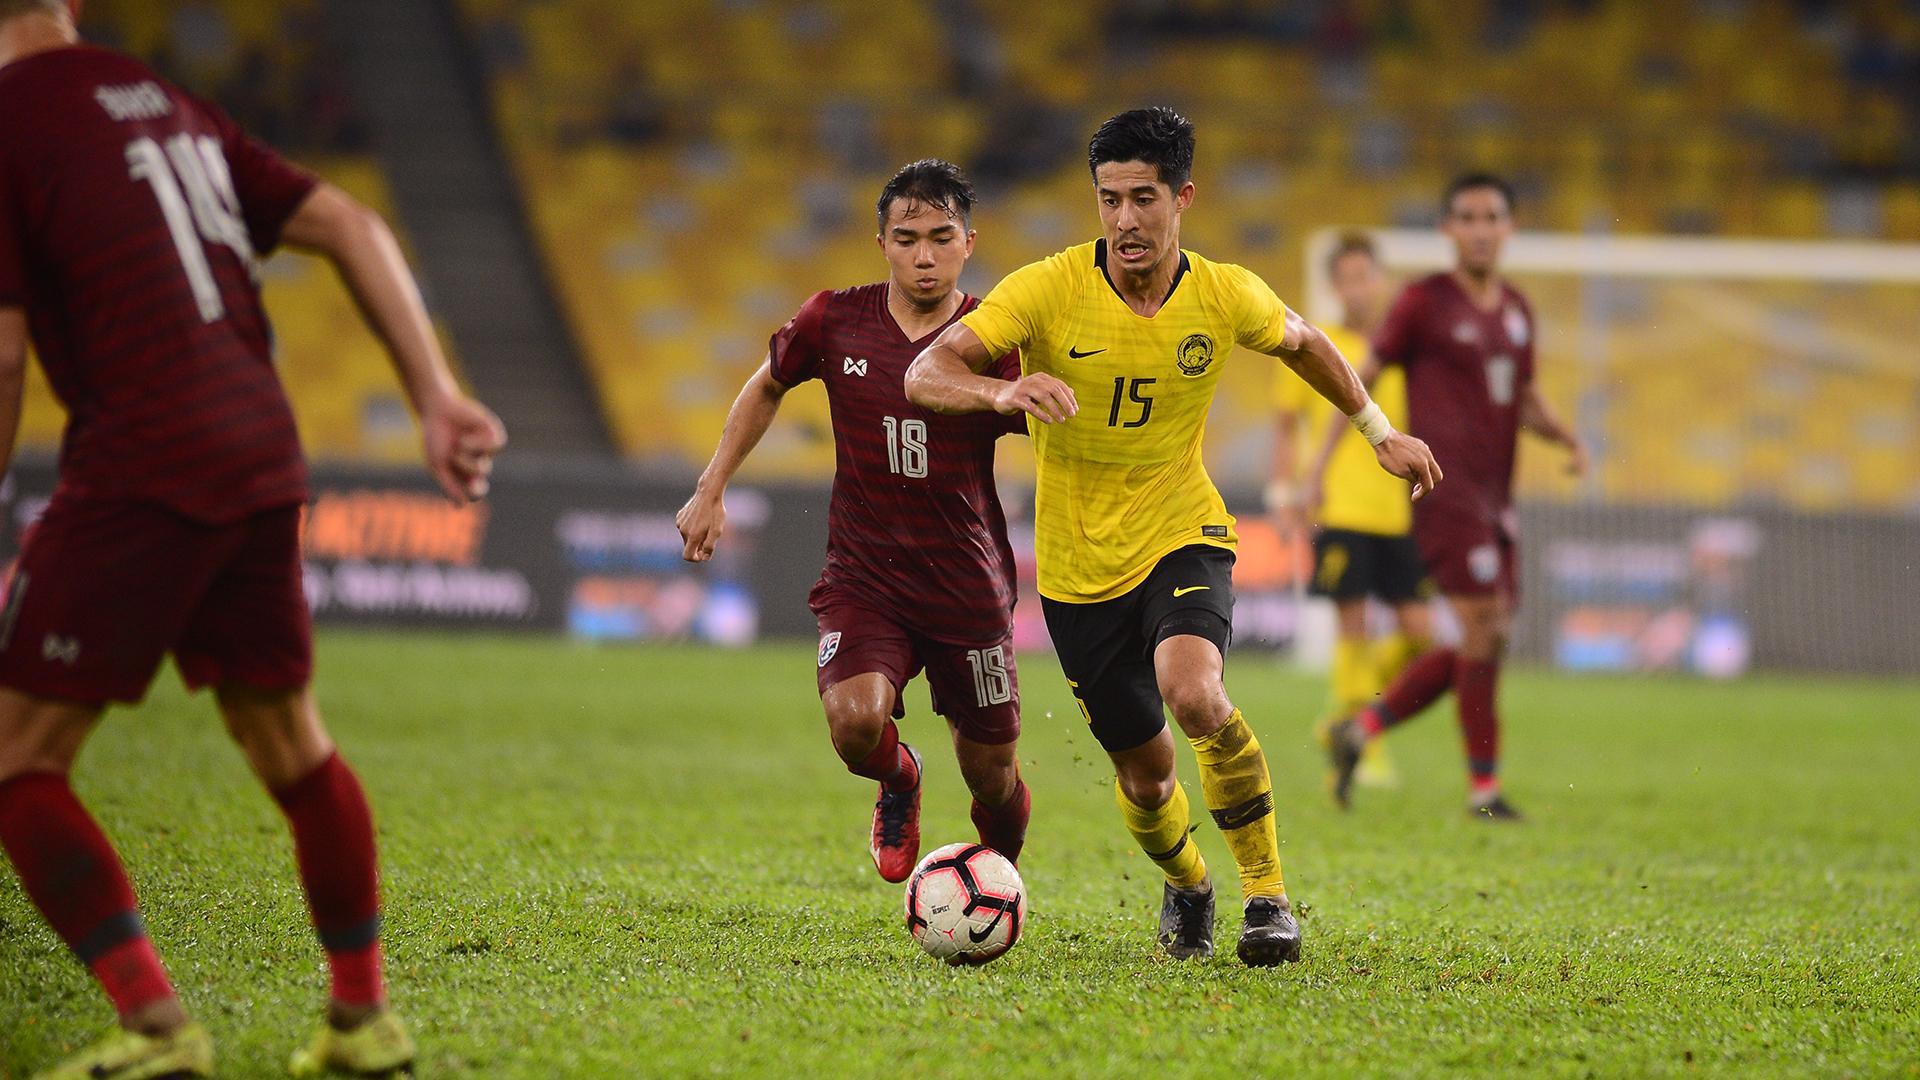 Brendan Gan, Malaysia v Thailand, 2022 World Cup qualifier, 14 Nov 2019